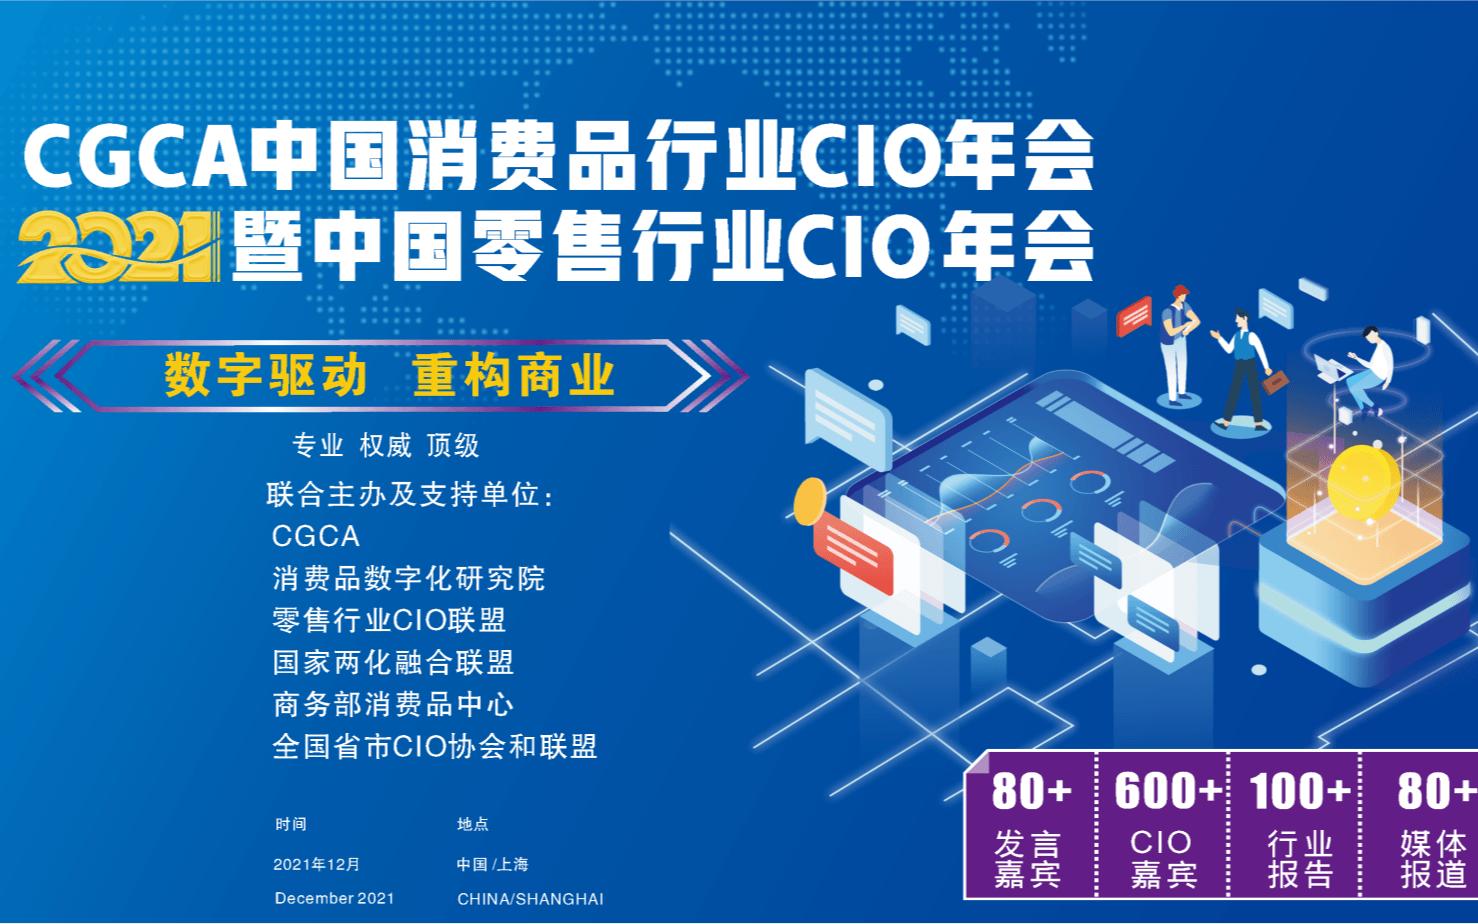 CGCA 2021中国消费品行业CIO年会暨中国零售行业CIO年会